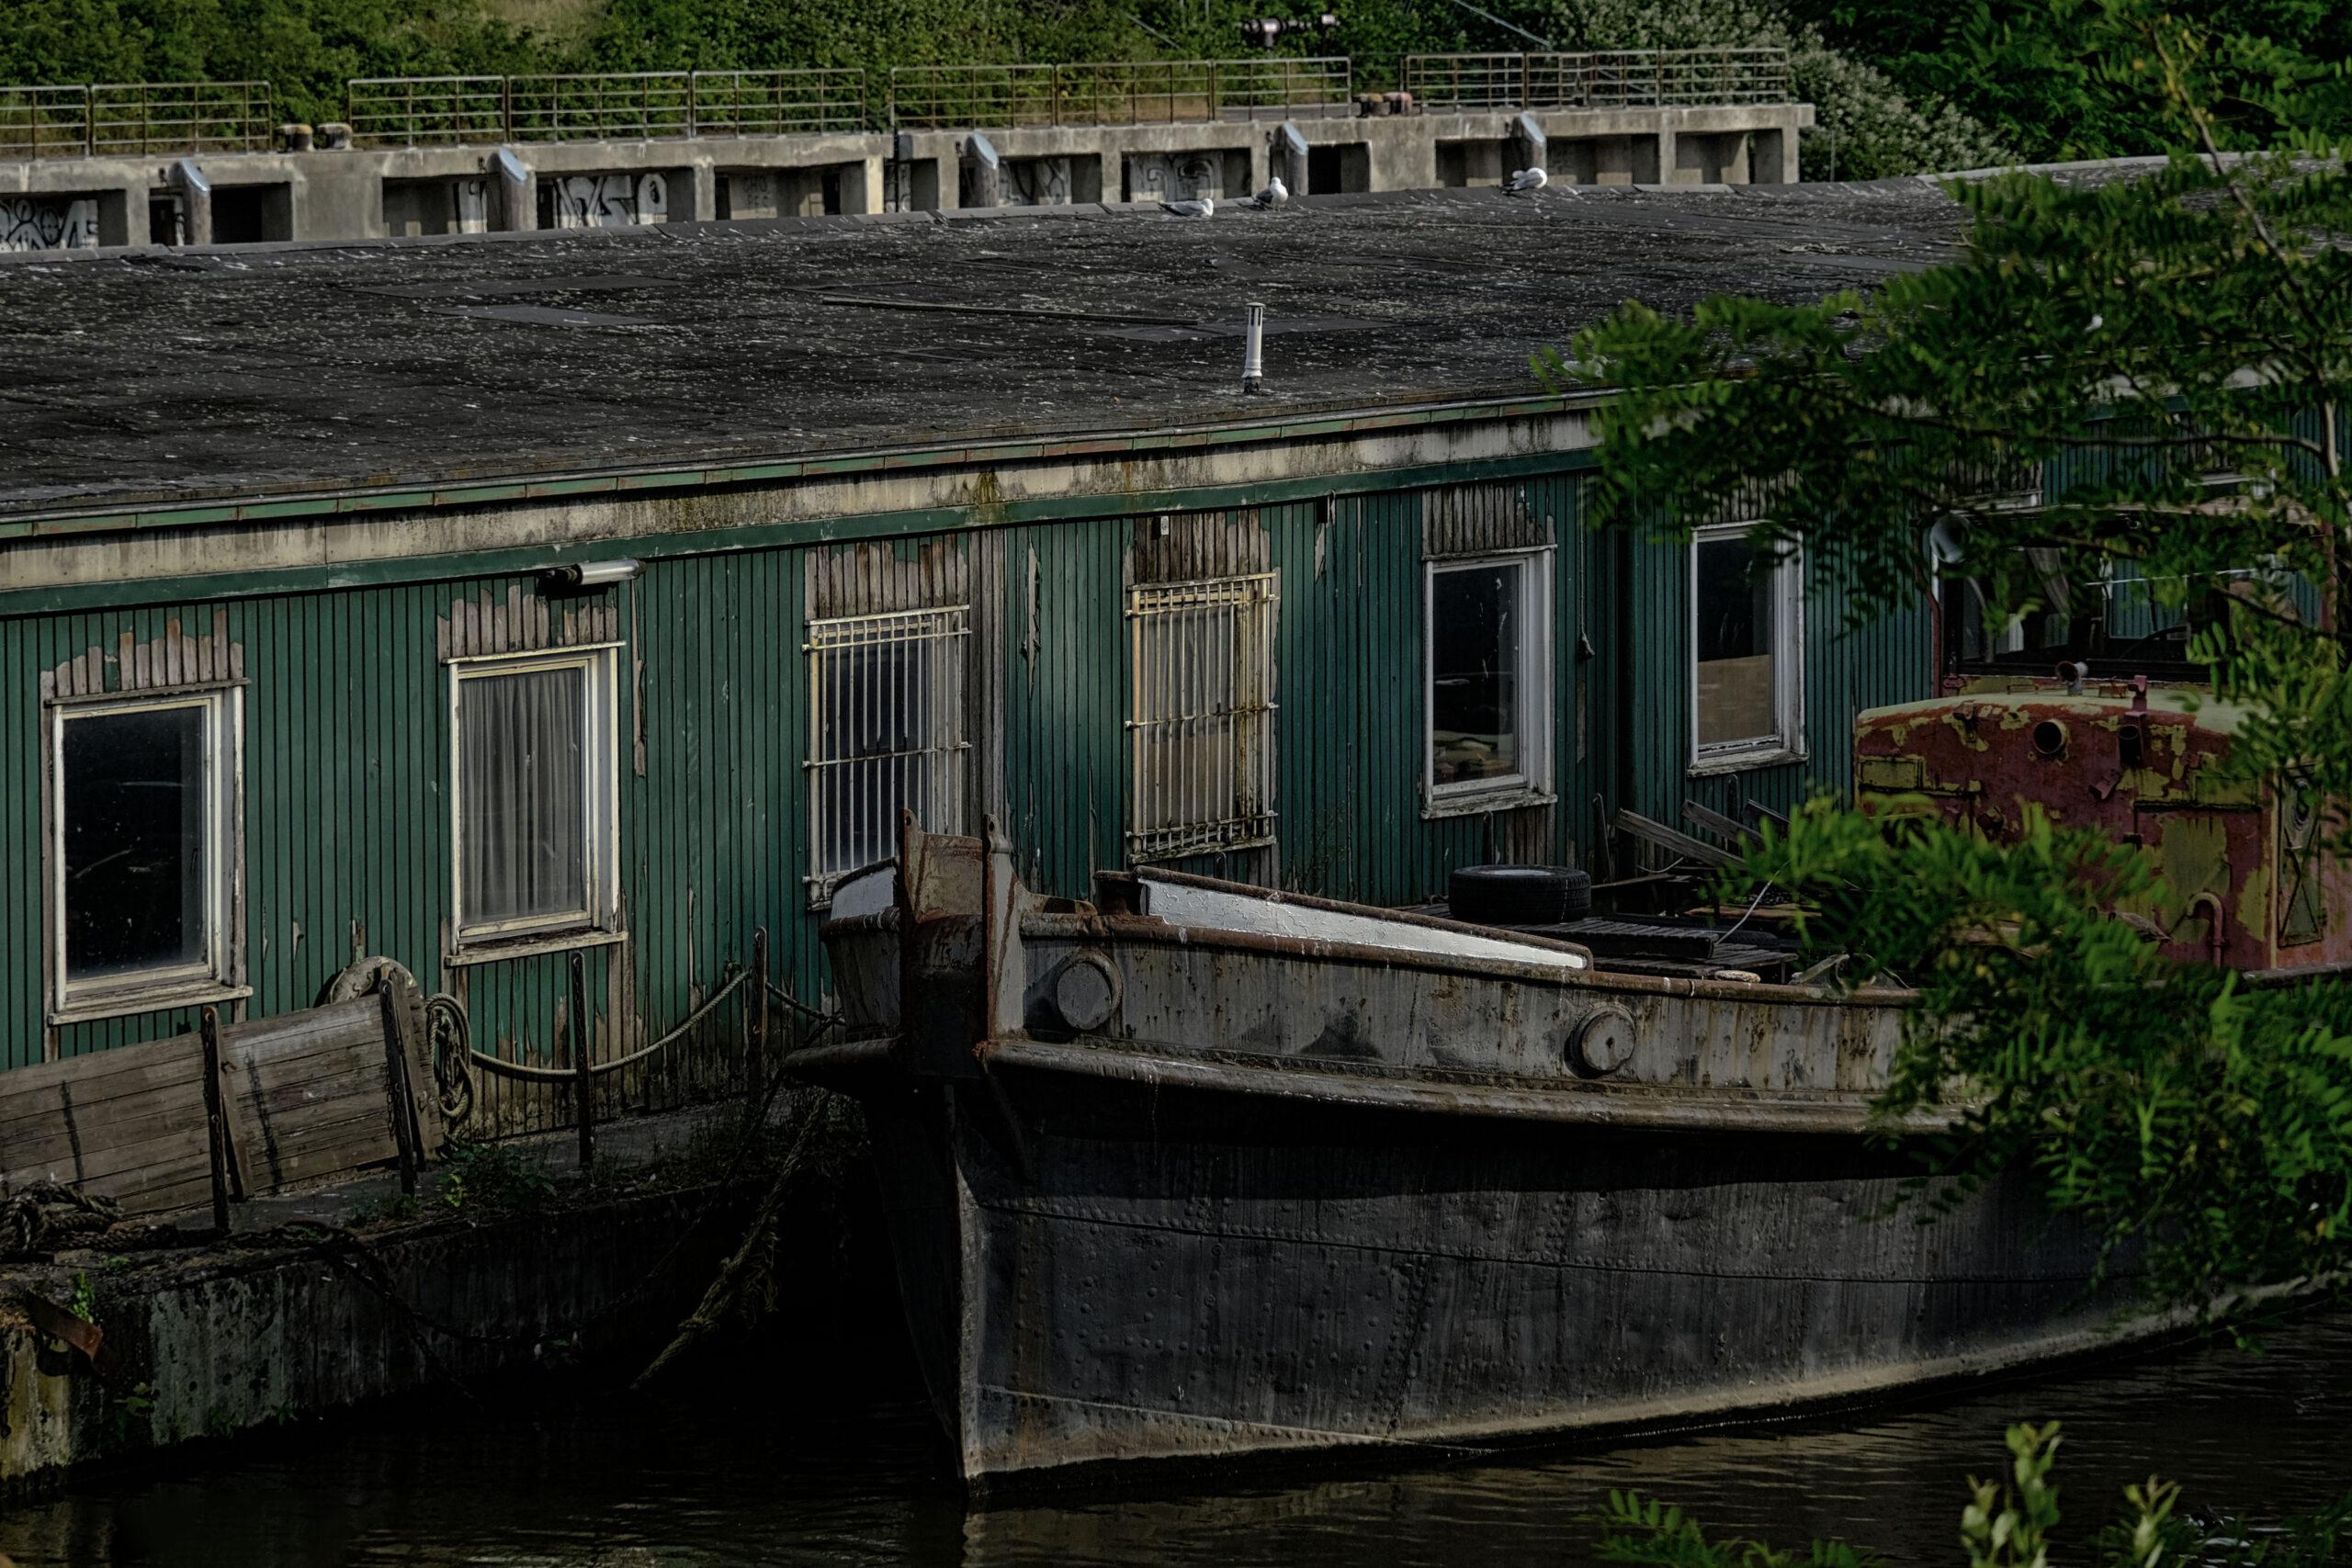 Brigitte - Feierabendtour 24.06.2021 - Pure Hafenidylle